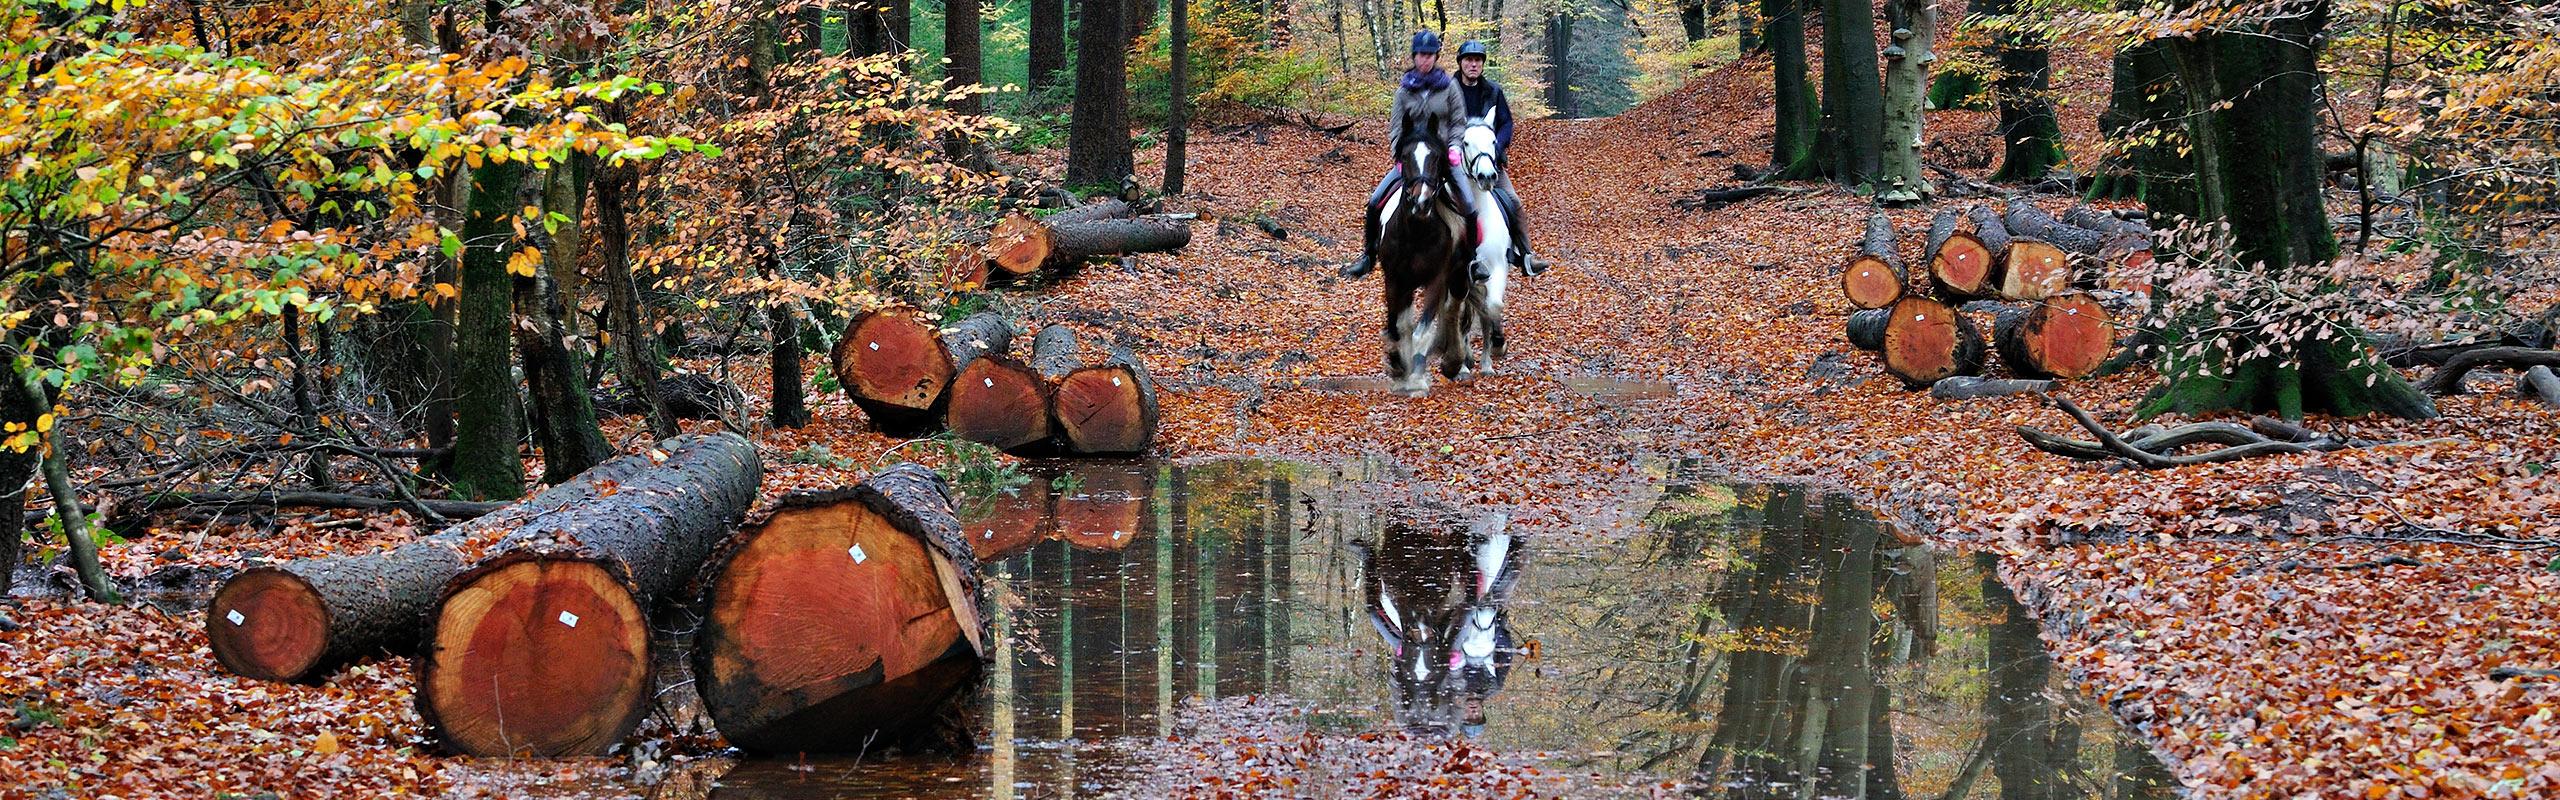 Horses in the Speulderbos in autumn.